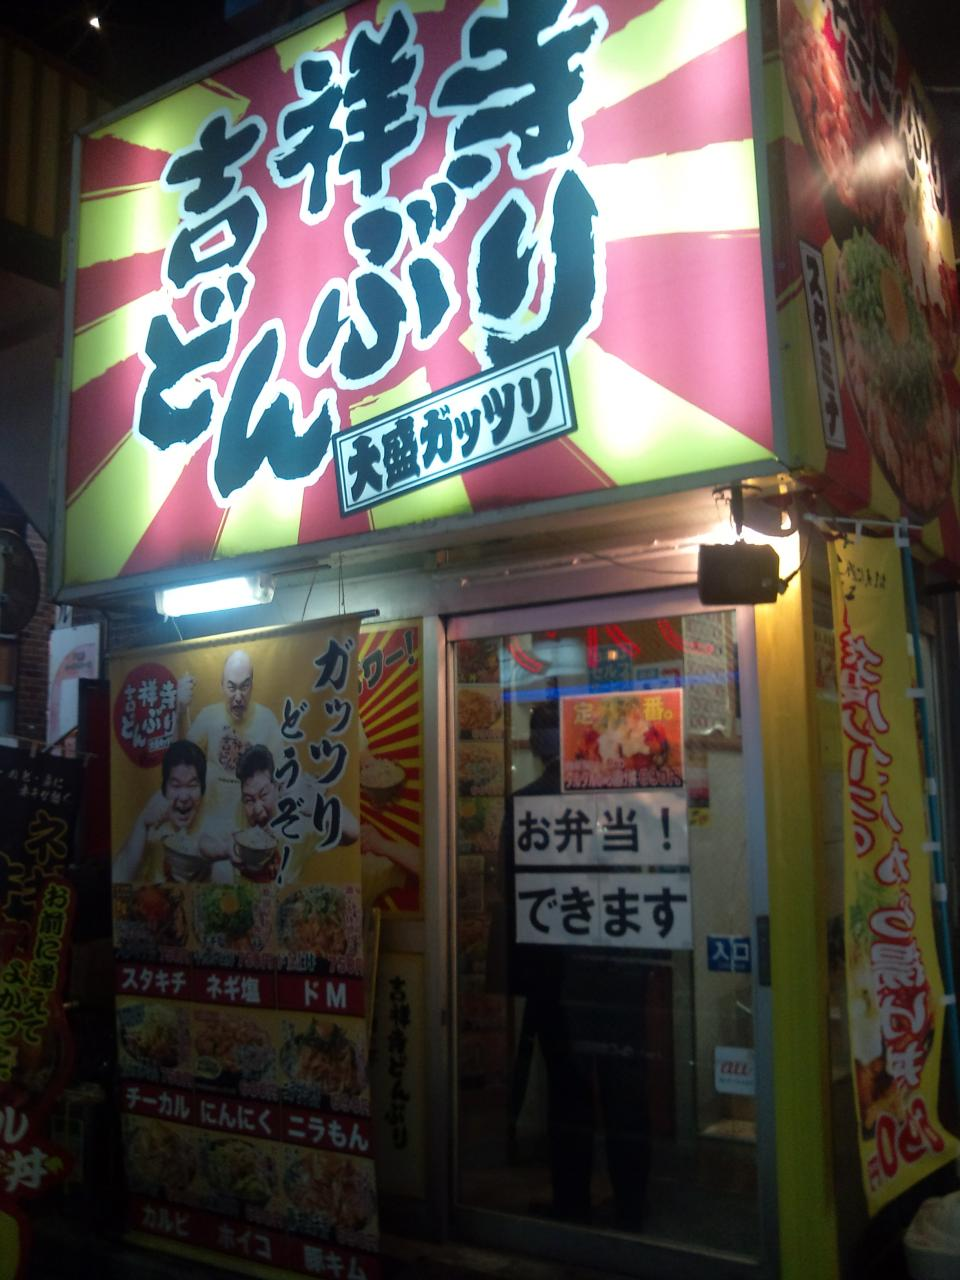 吉祥寺どんぶり(店舗外観)